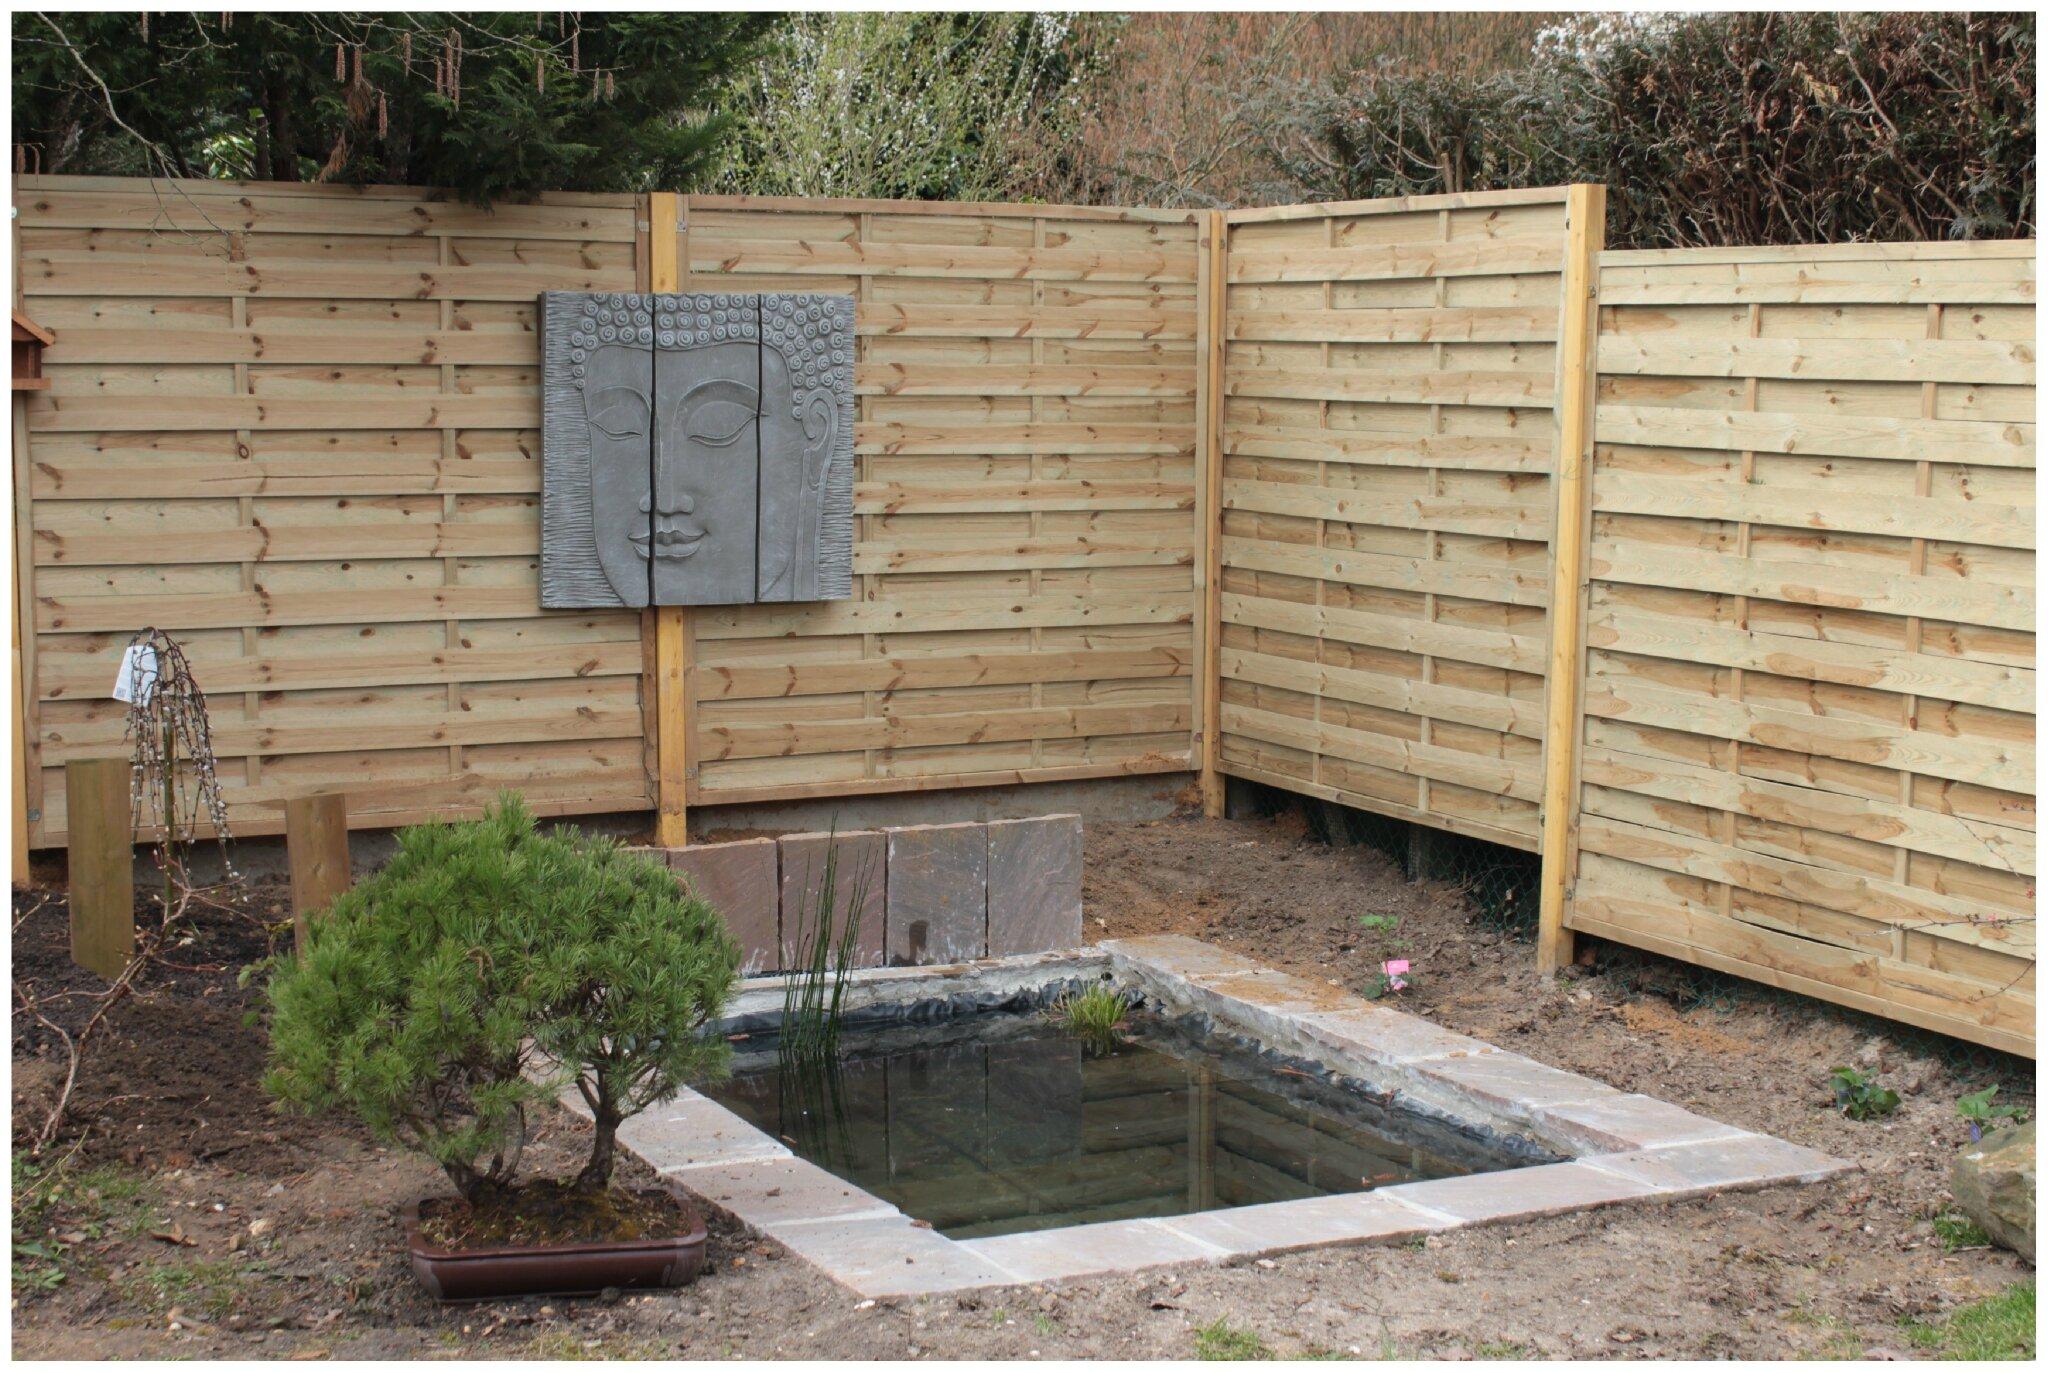 Mise en eau du bassin vert chez moi le jardin d 39 ang lique for Eau verte bassin exterieur